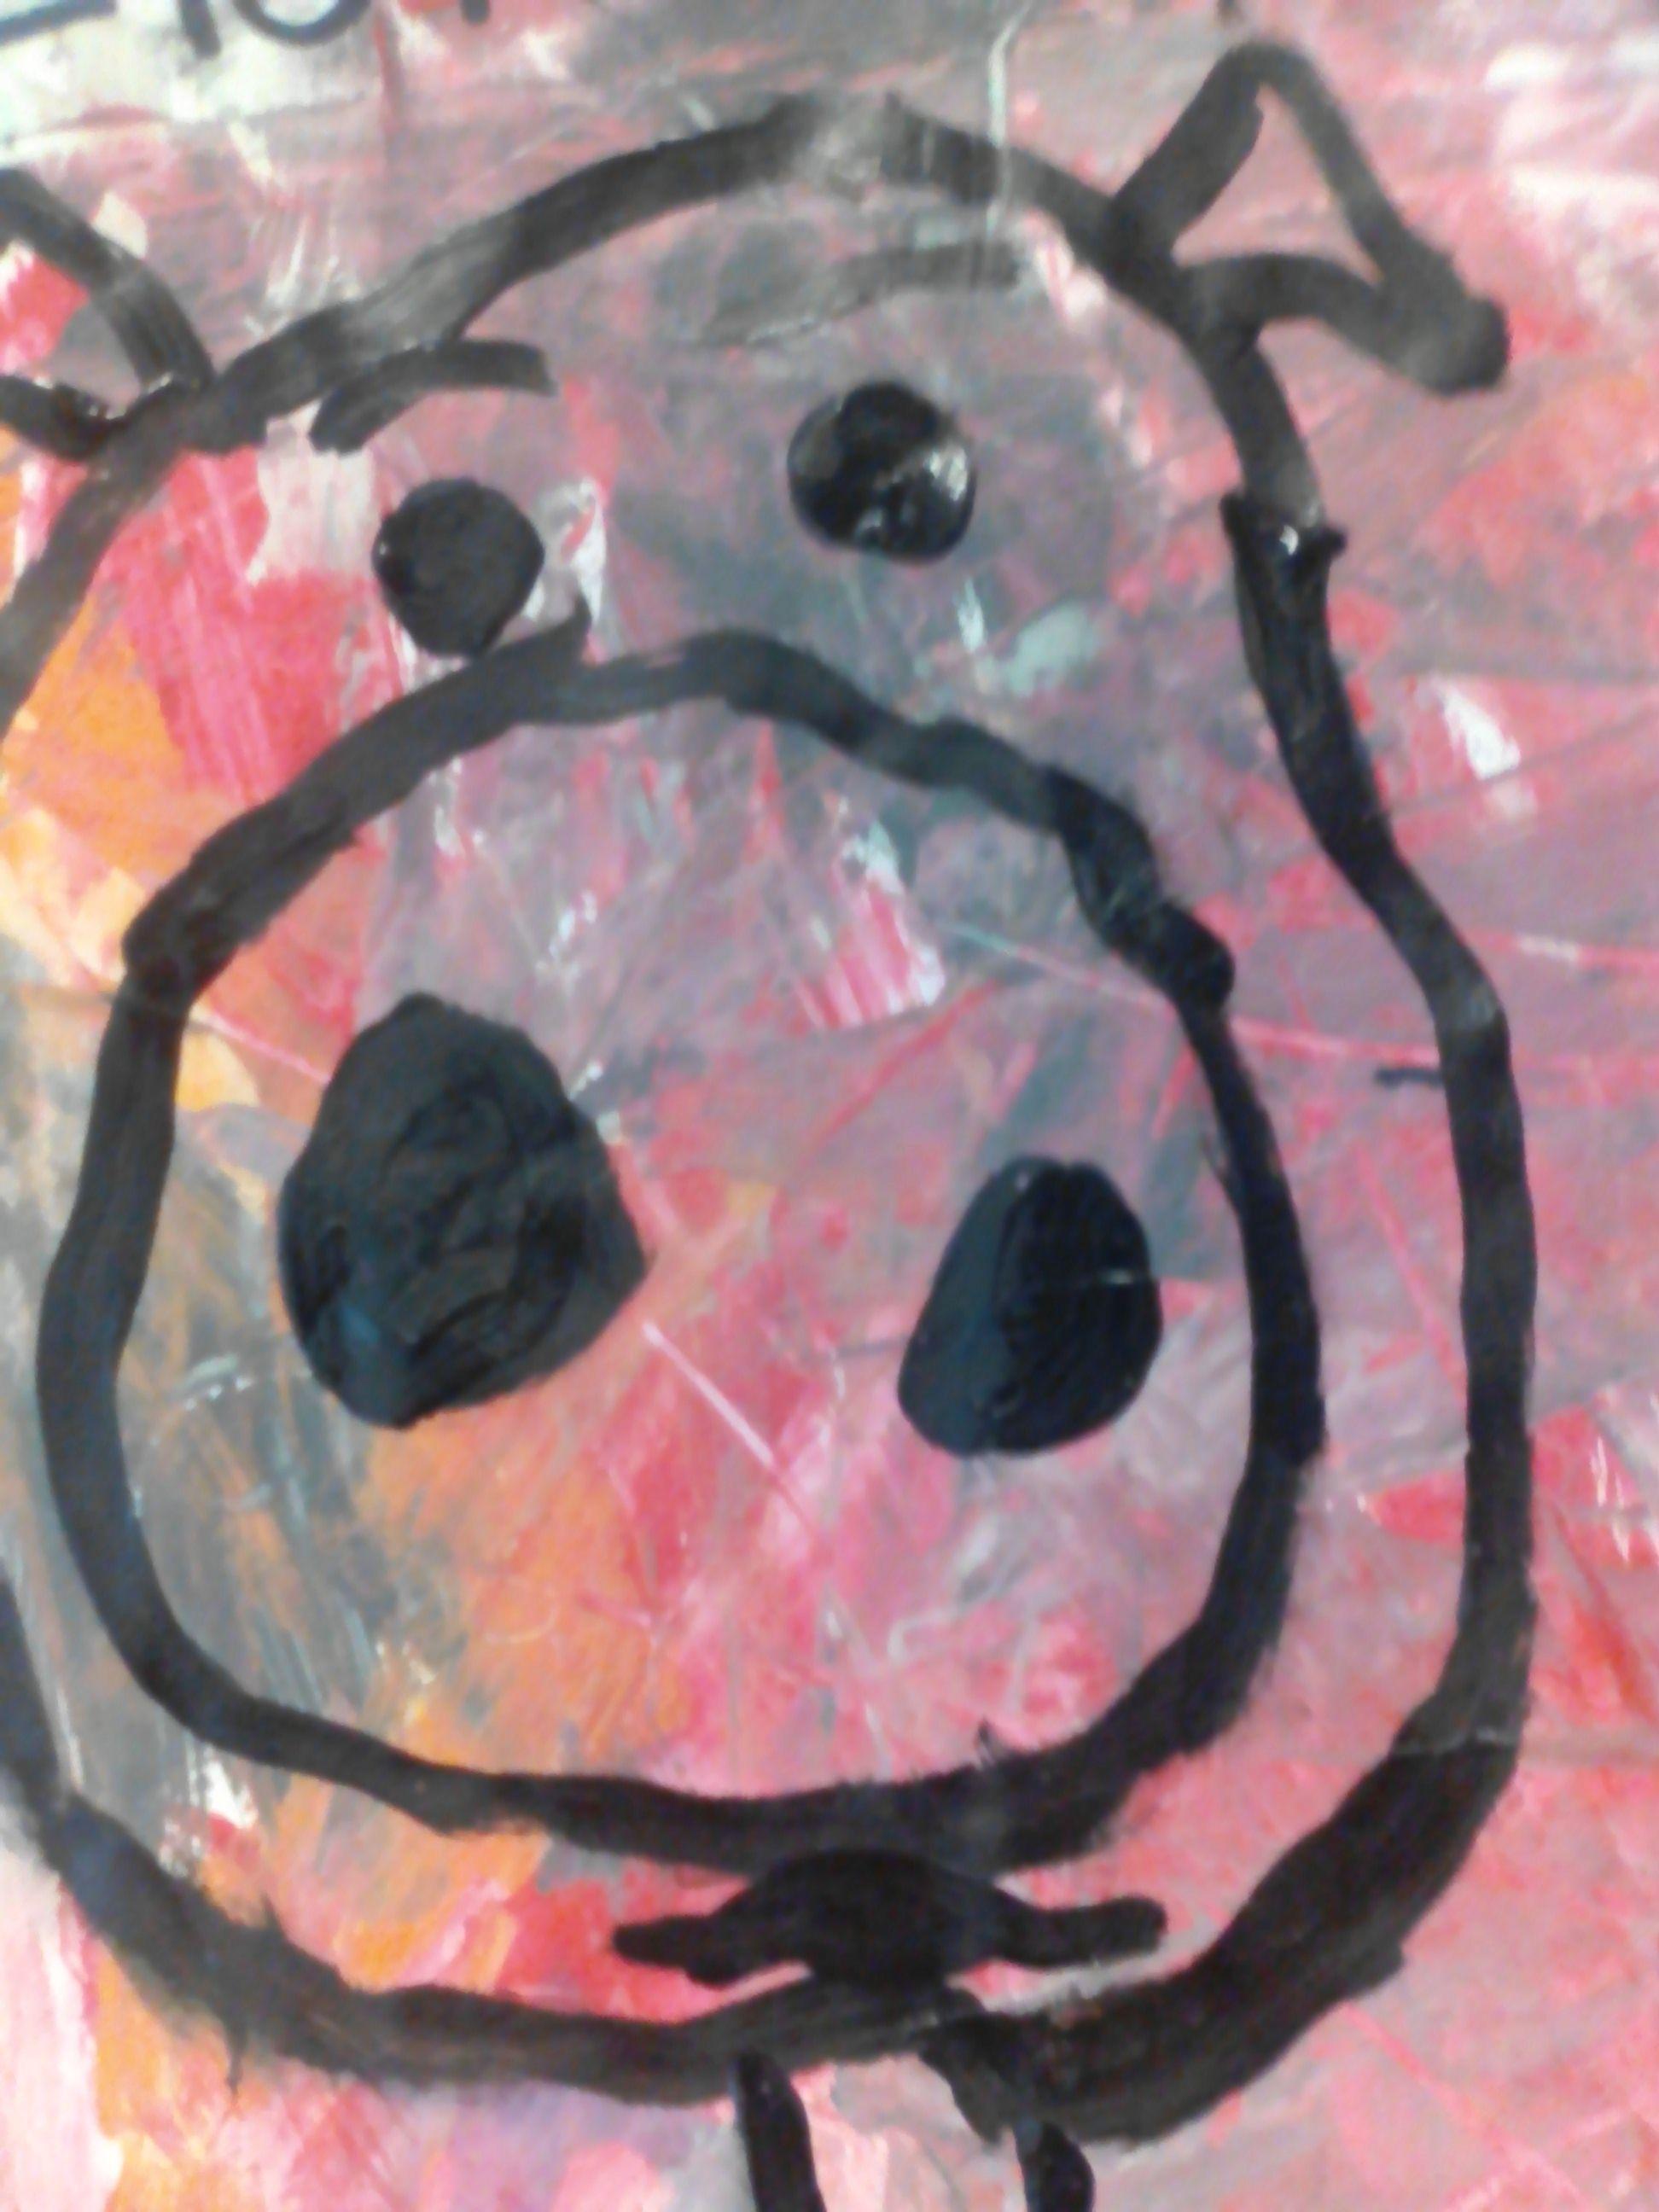 Les Trois Petit Cochons Art Visuel : trois, petit, cochons, visuel, Épinglé